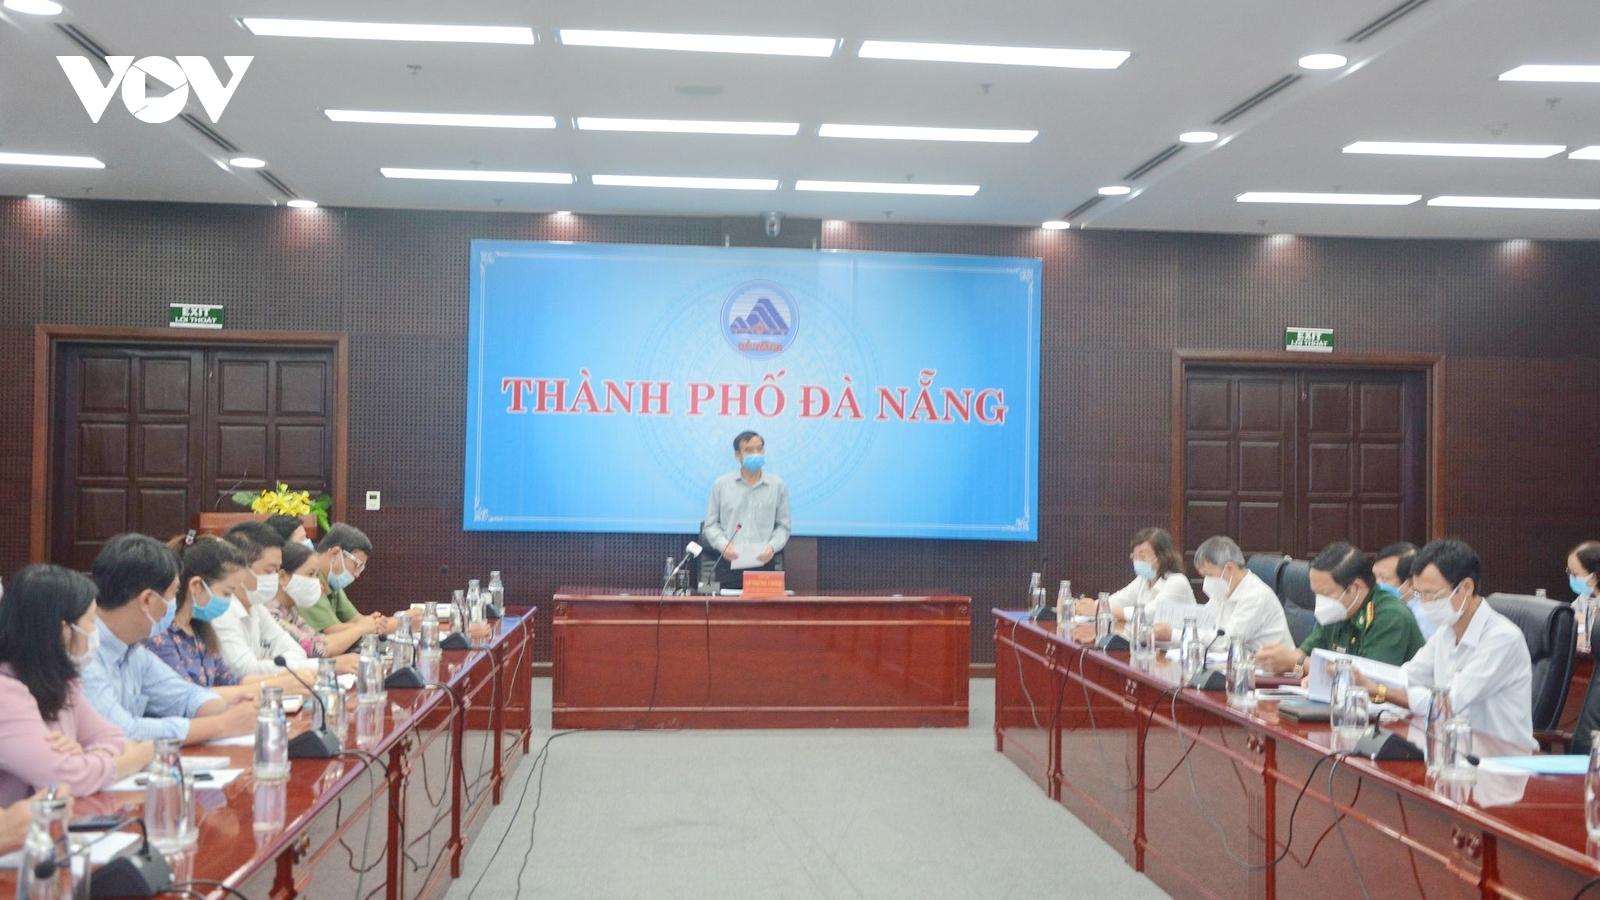 Minh bạch thông tin là yếu tố quan trọngtrong phòng chống dịch Covid-19 ở Đà Nẵng